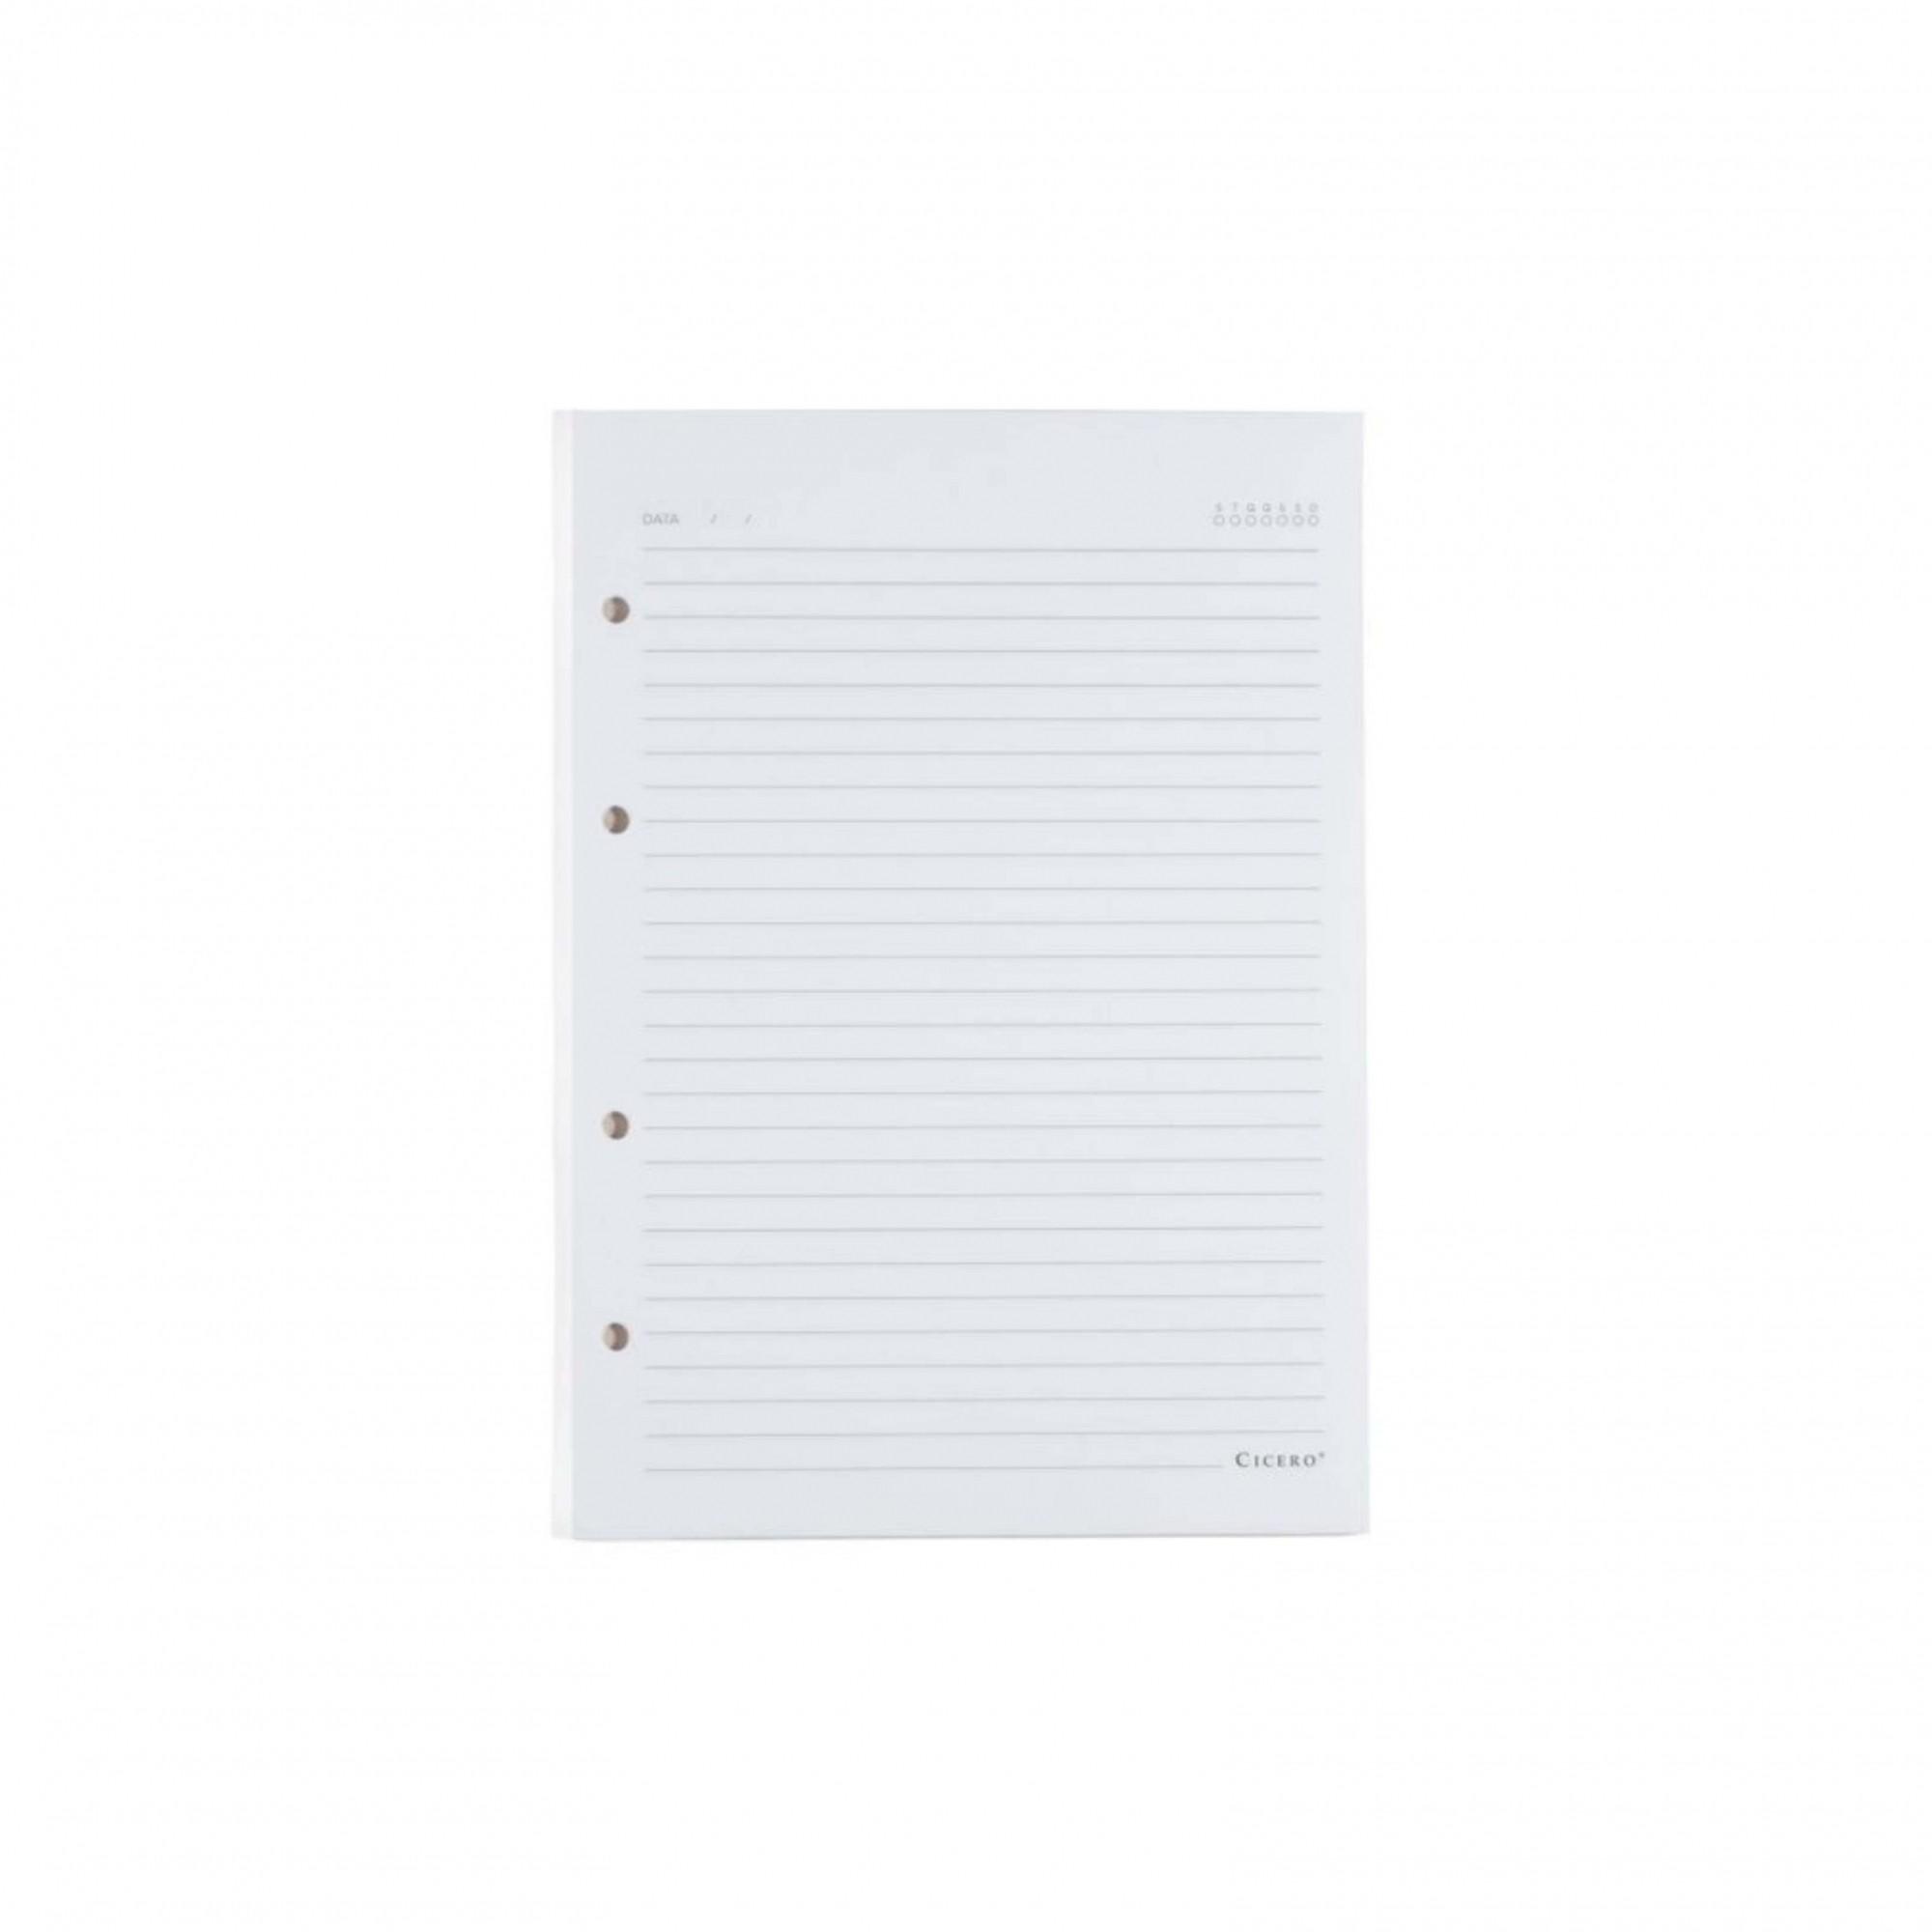 Refil Caderno Criativo Cicero Pautado